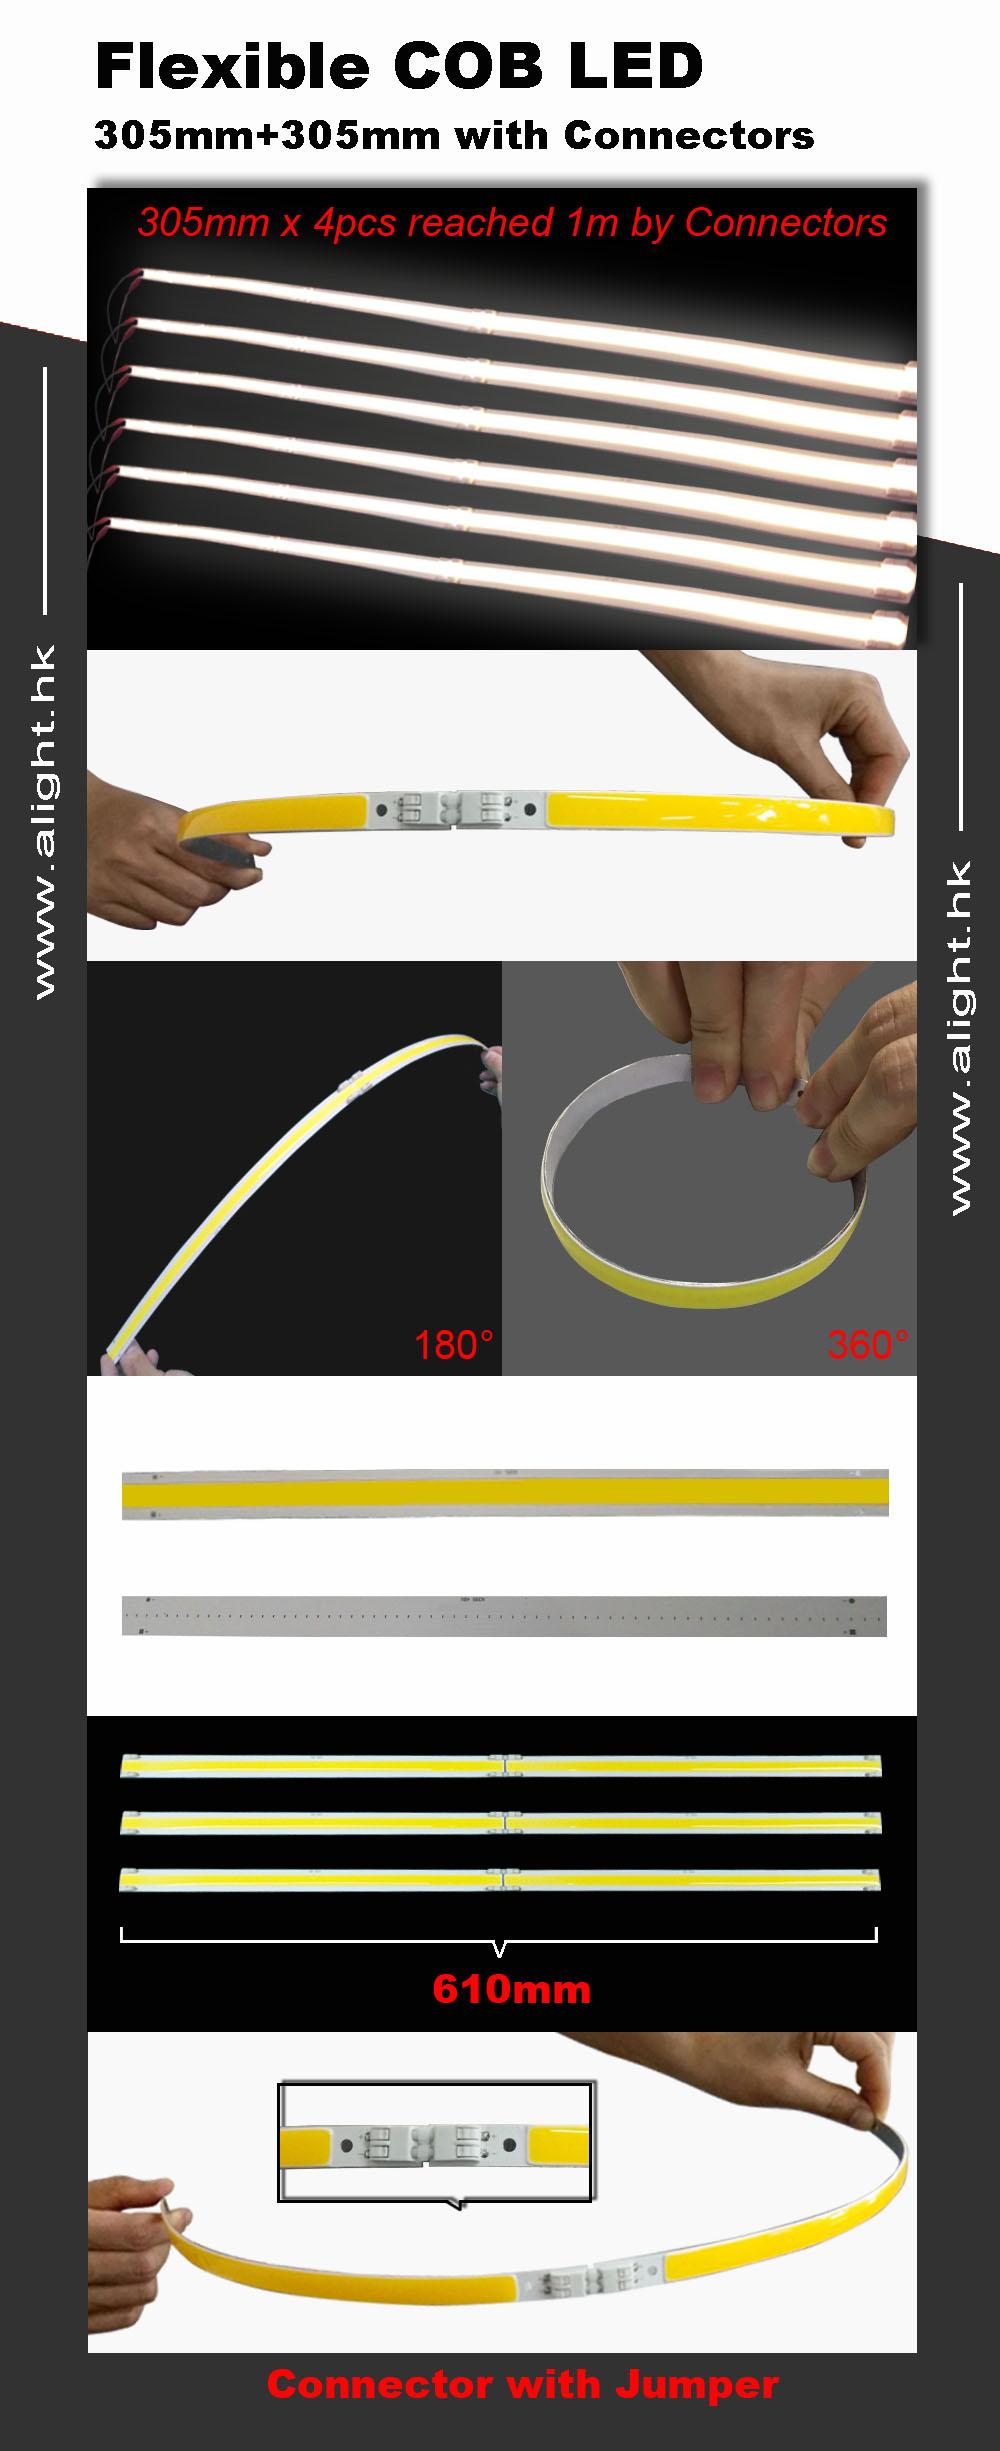 Flexible COB LED